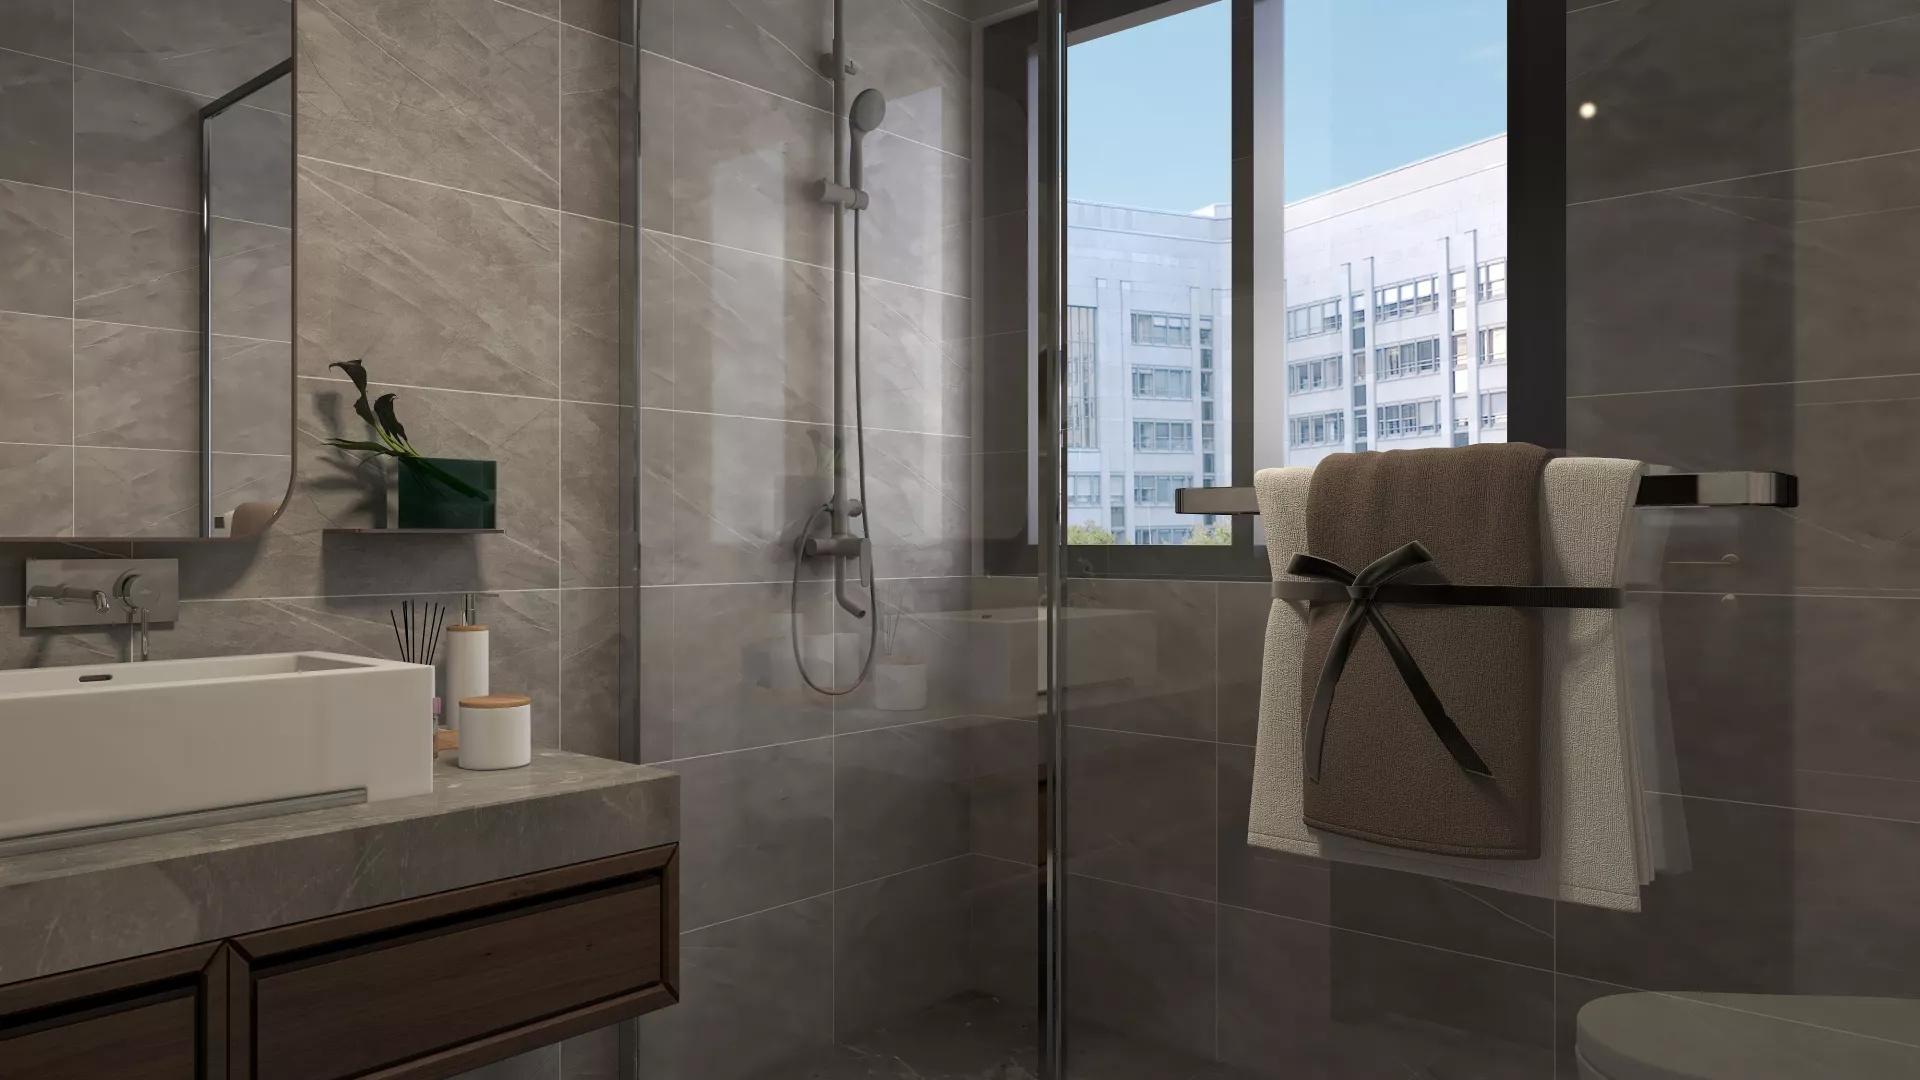 卫生间单移门怎么安装 卫生间铝合金单移门怎么安装